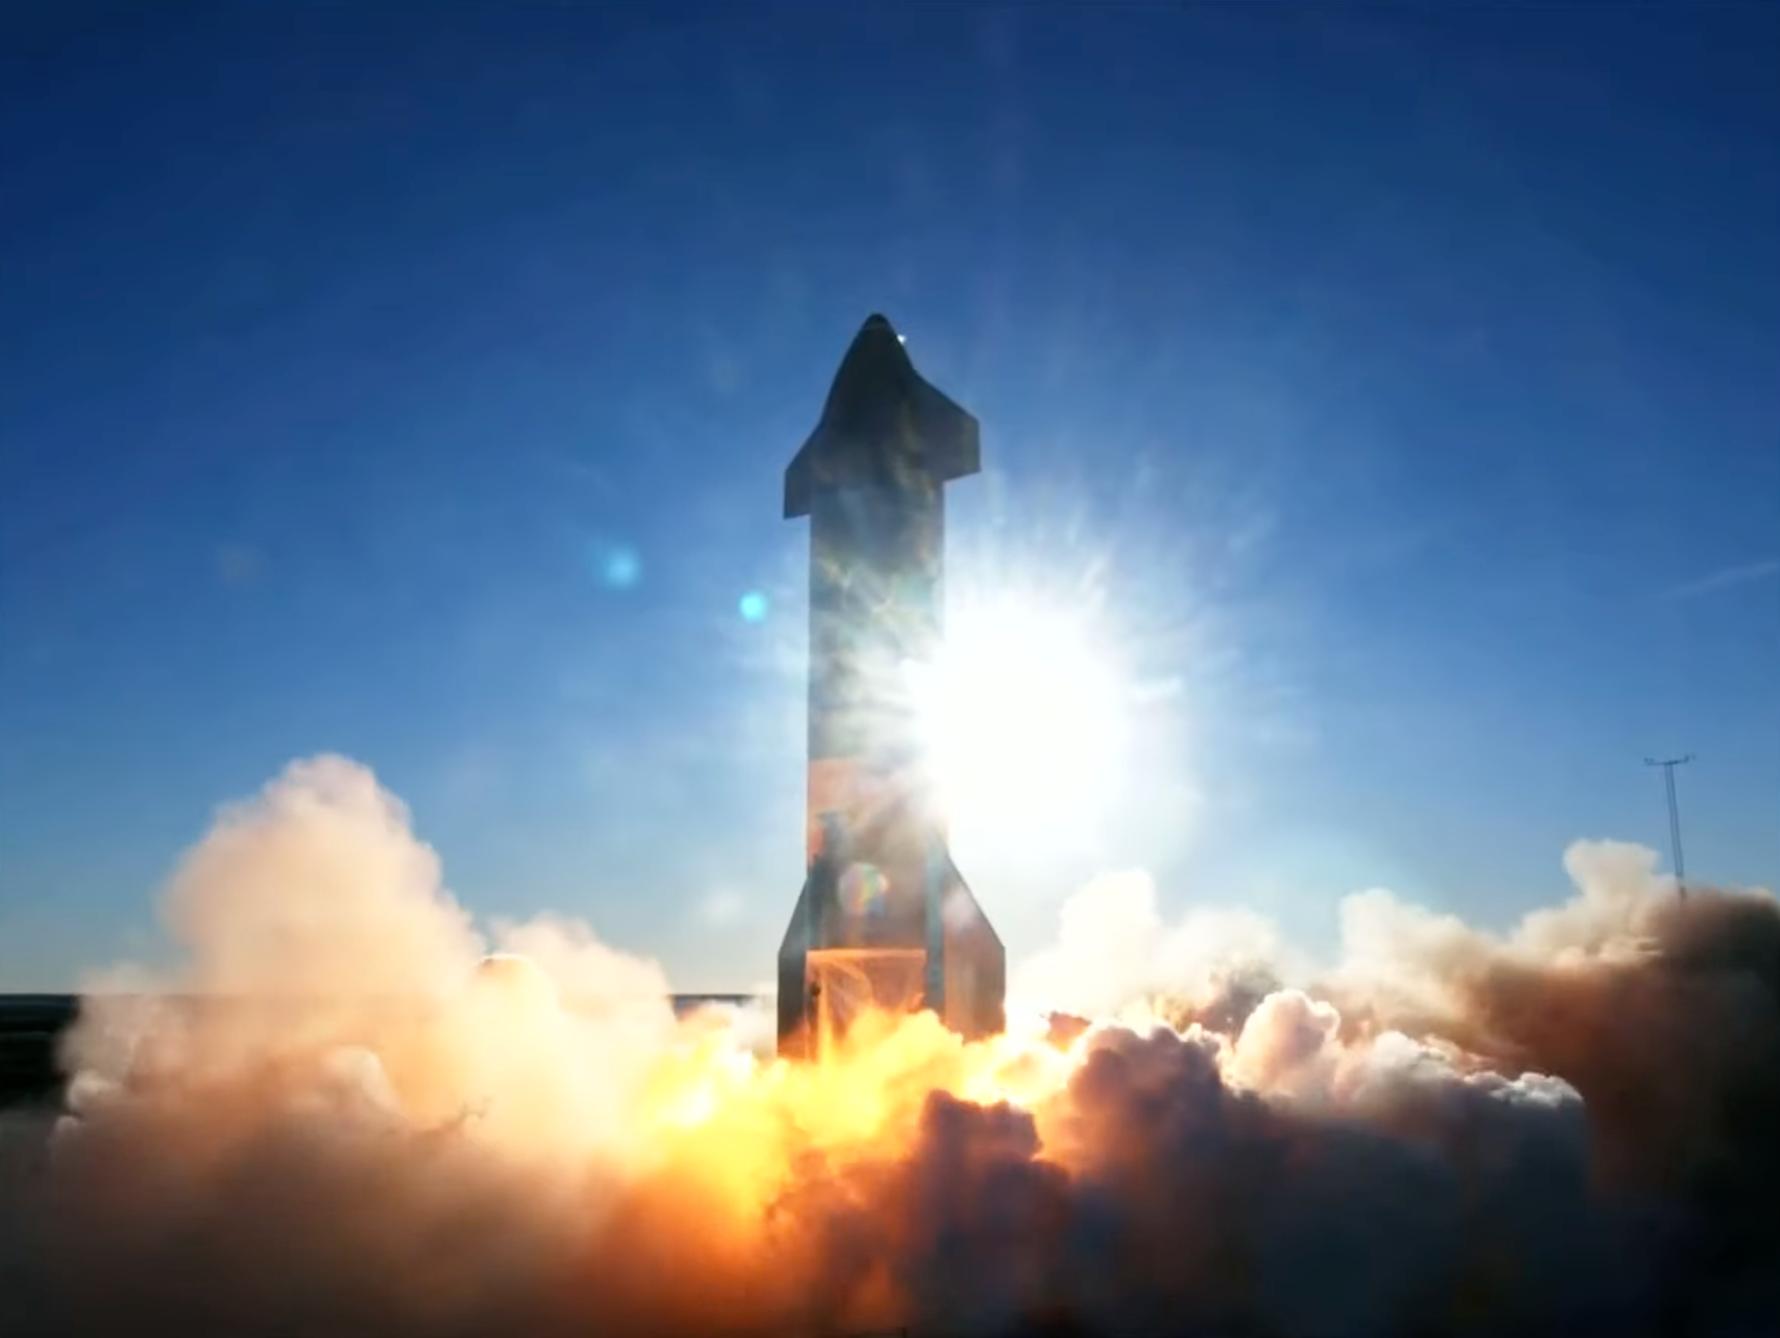 spacex sn8 starship